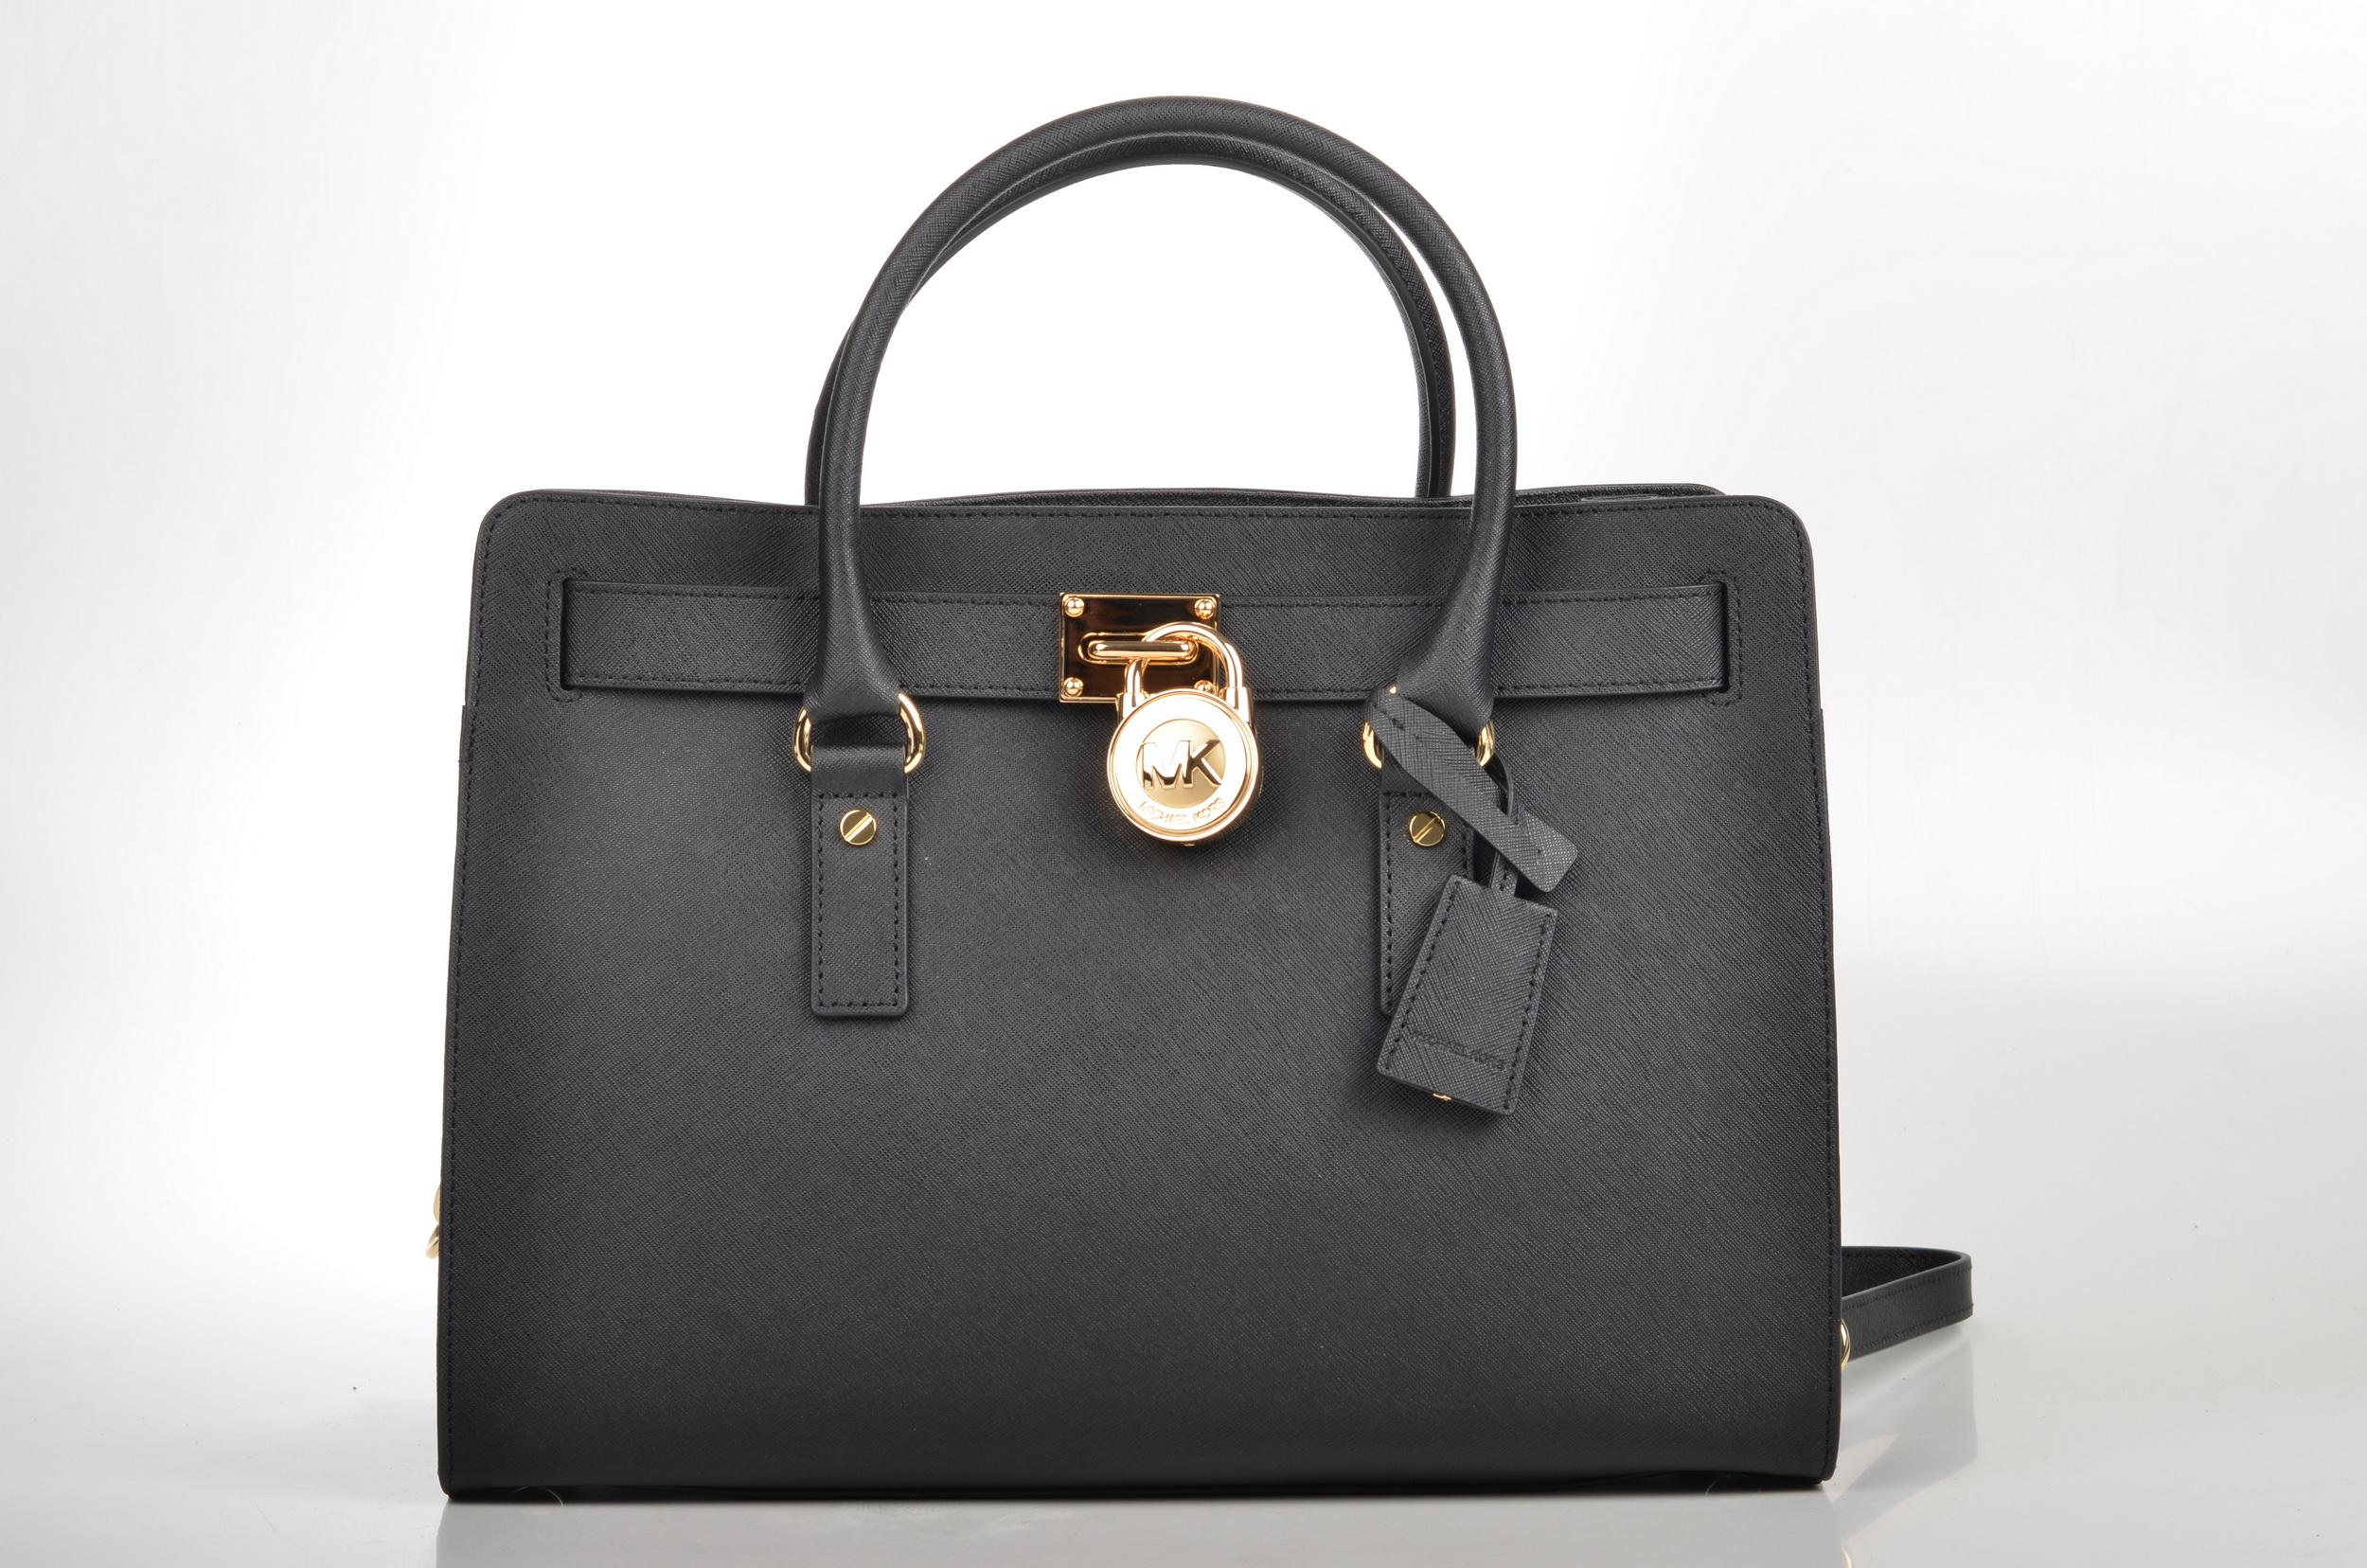 062638a1b803e File Michael Kors Hamilton LG EW Satchel Handtasche 30F4GHMS7T Kalbsleder  schwarz - gold (1) (15920710303).jpg